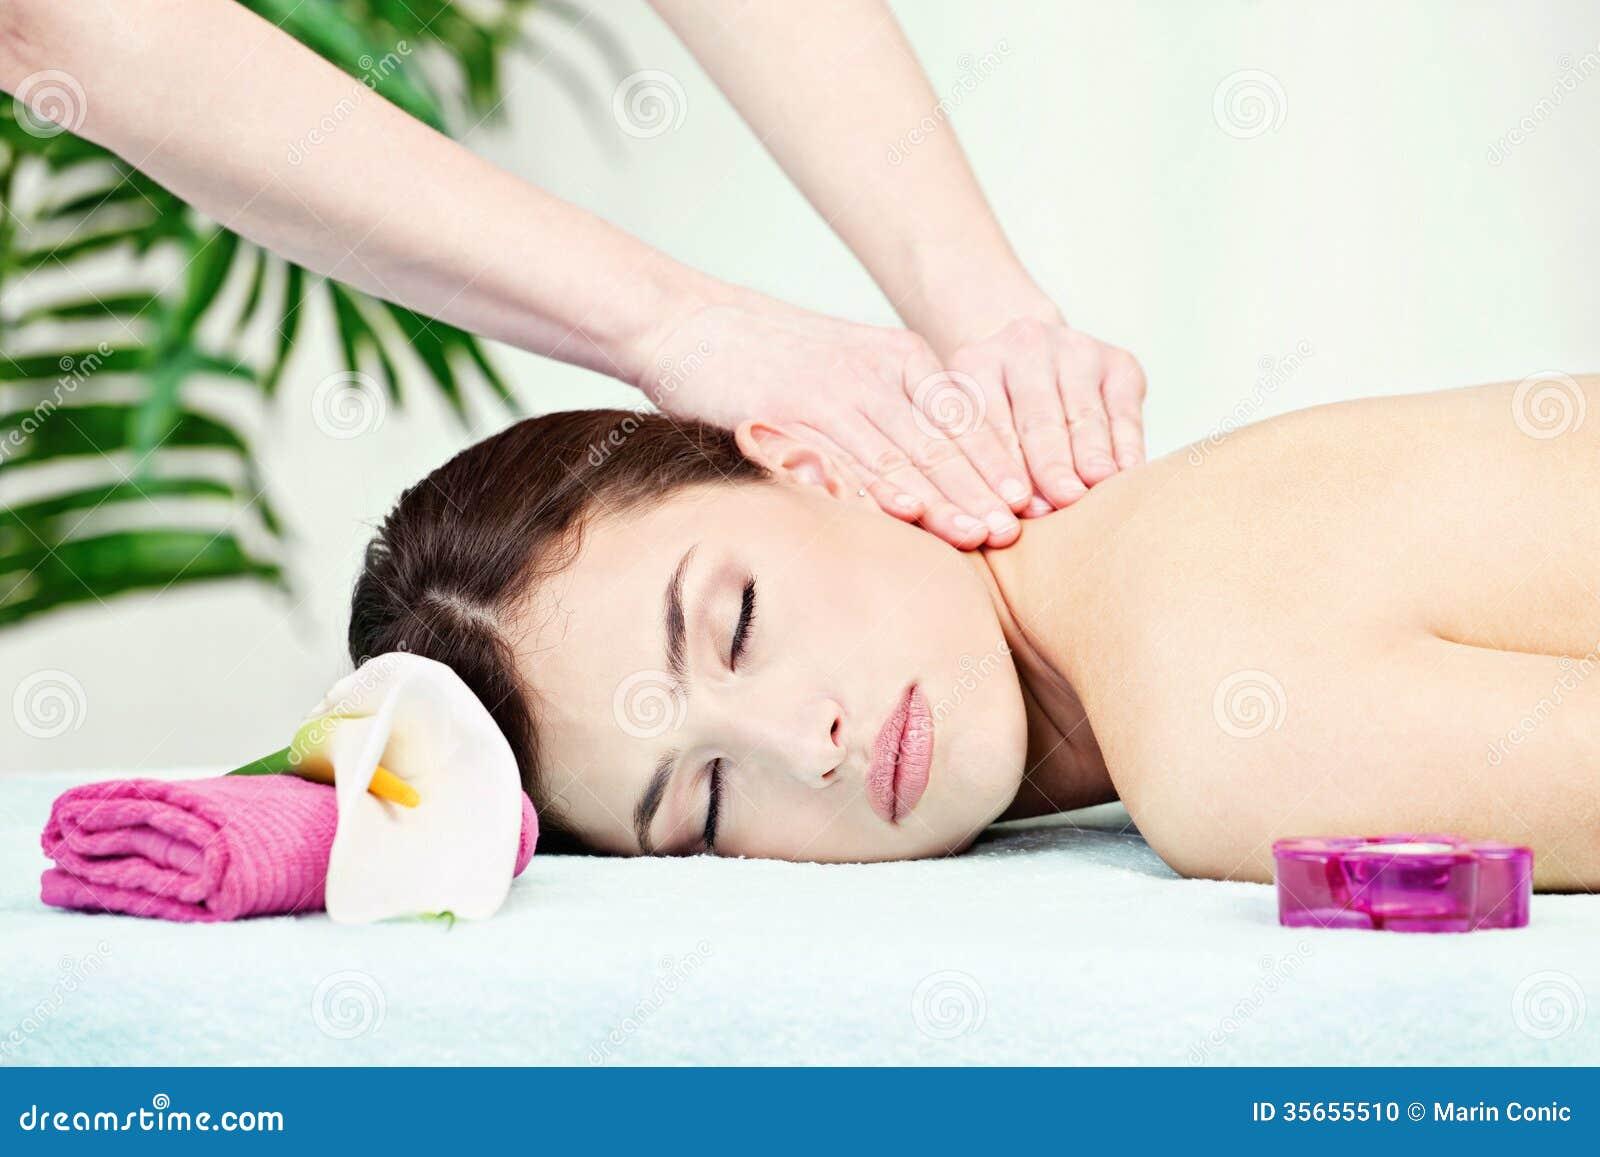 Szyja masaż w salonie